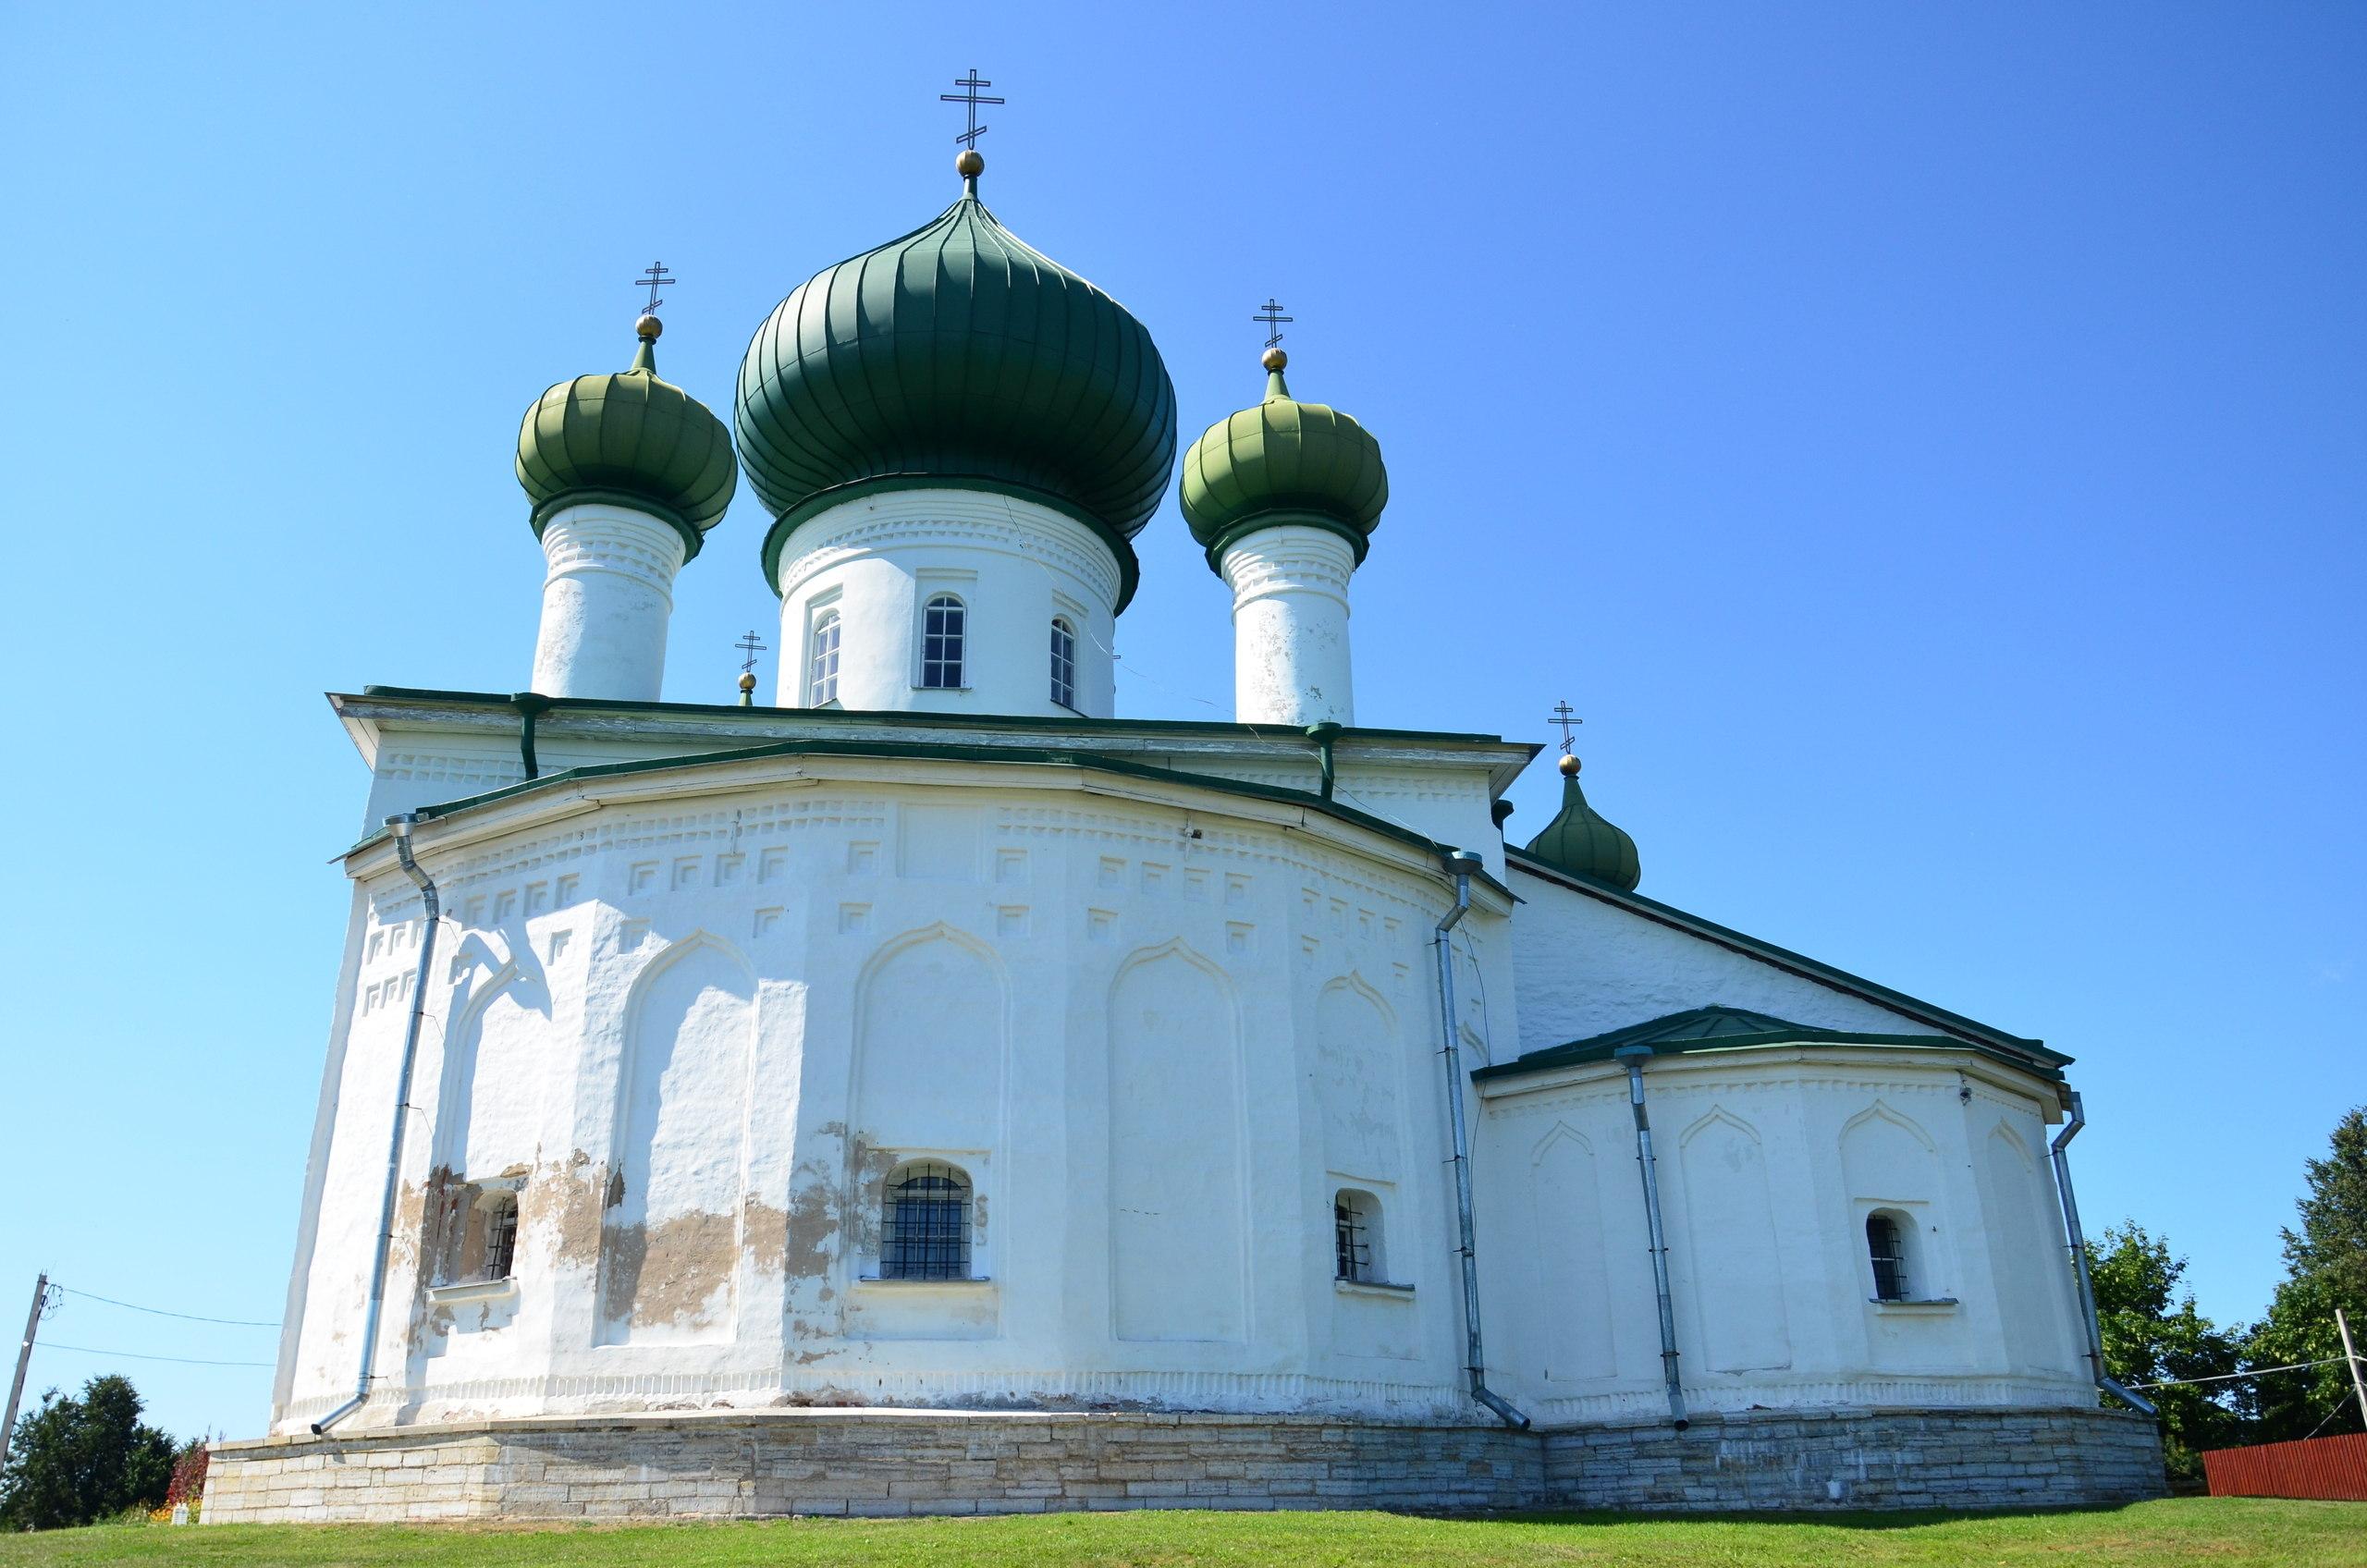 зависимости тканей, церкви в ленинградской области сочетания